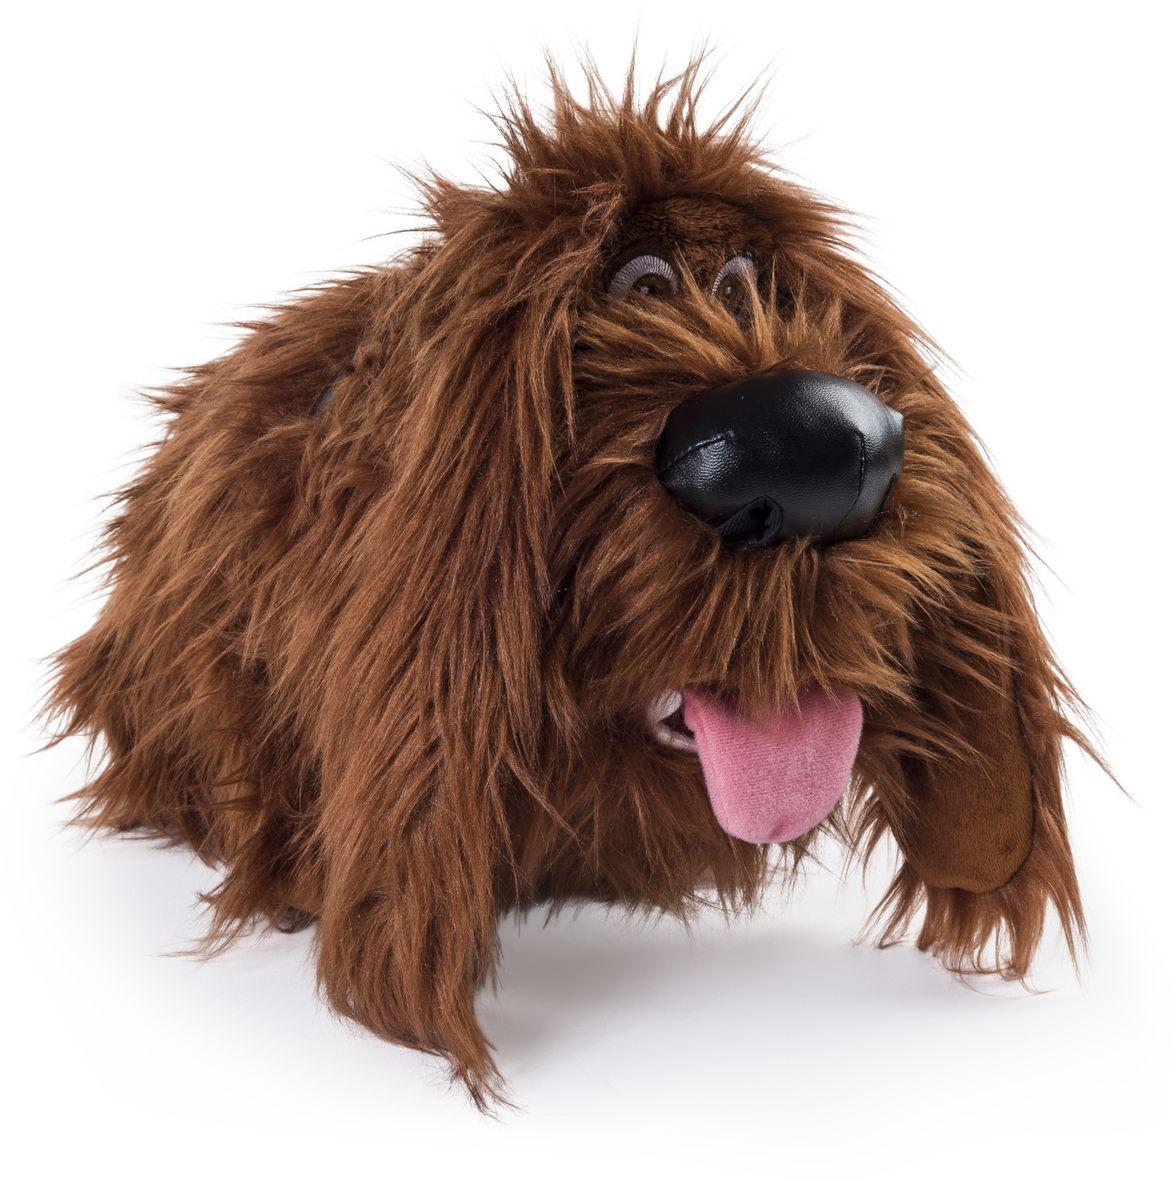 Secret Life of Pets Мягкая игрушка Персонаж 7280572805Плюшевая игрушка с изображением одного из главных героев мультфильма Тайная жизнь домашних животных. Высота 30 см.